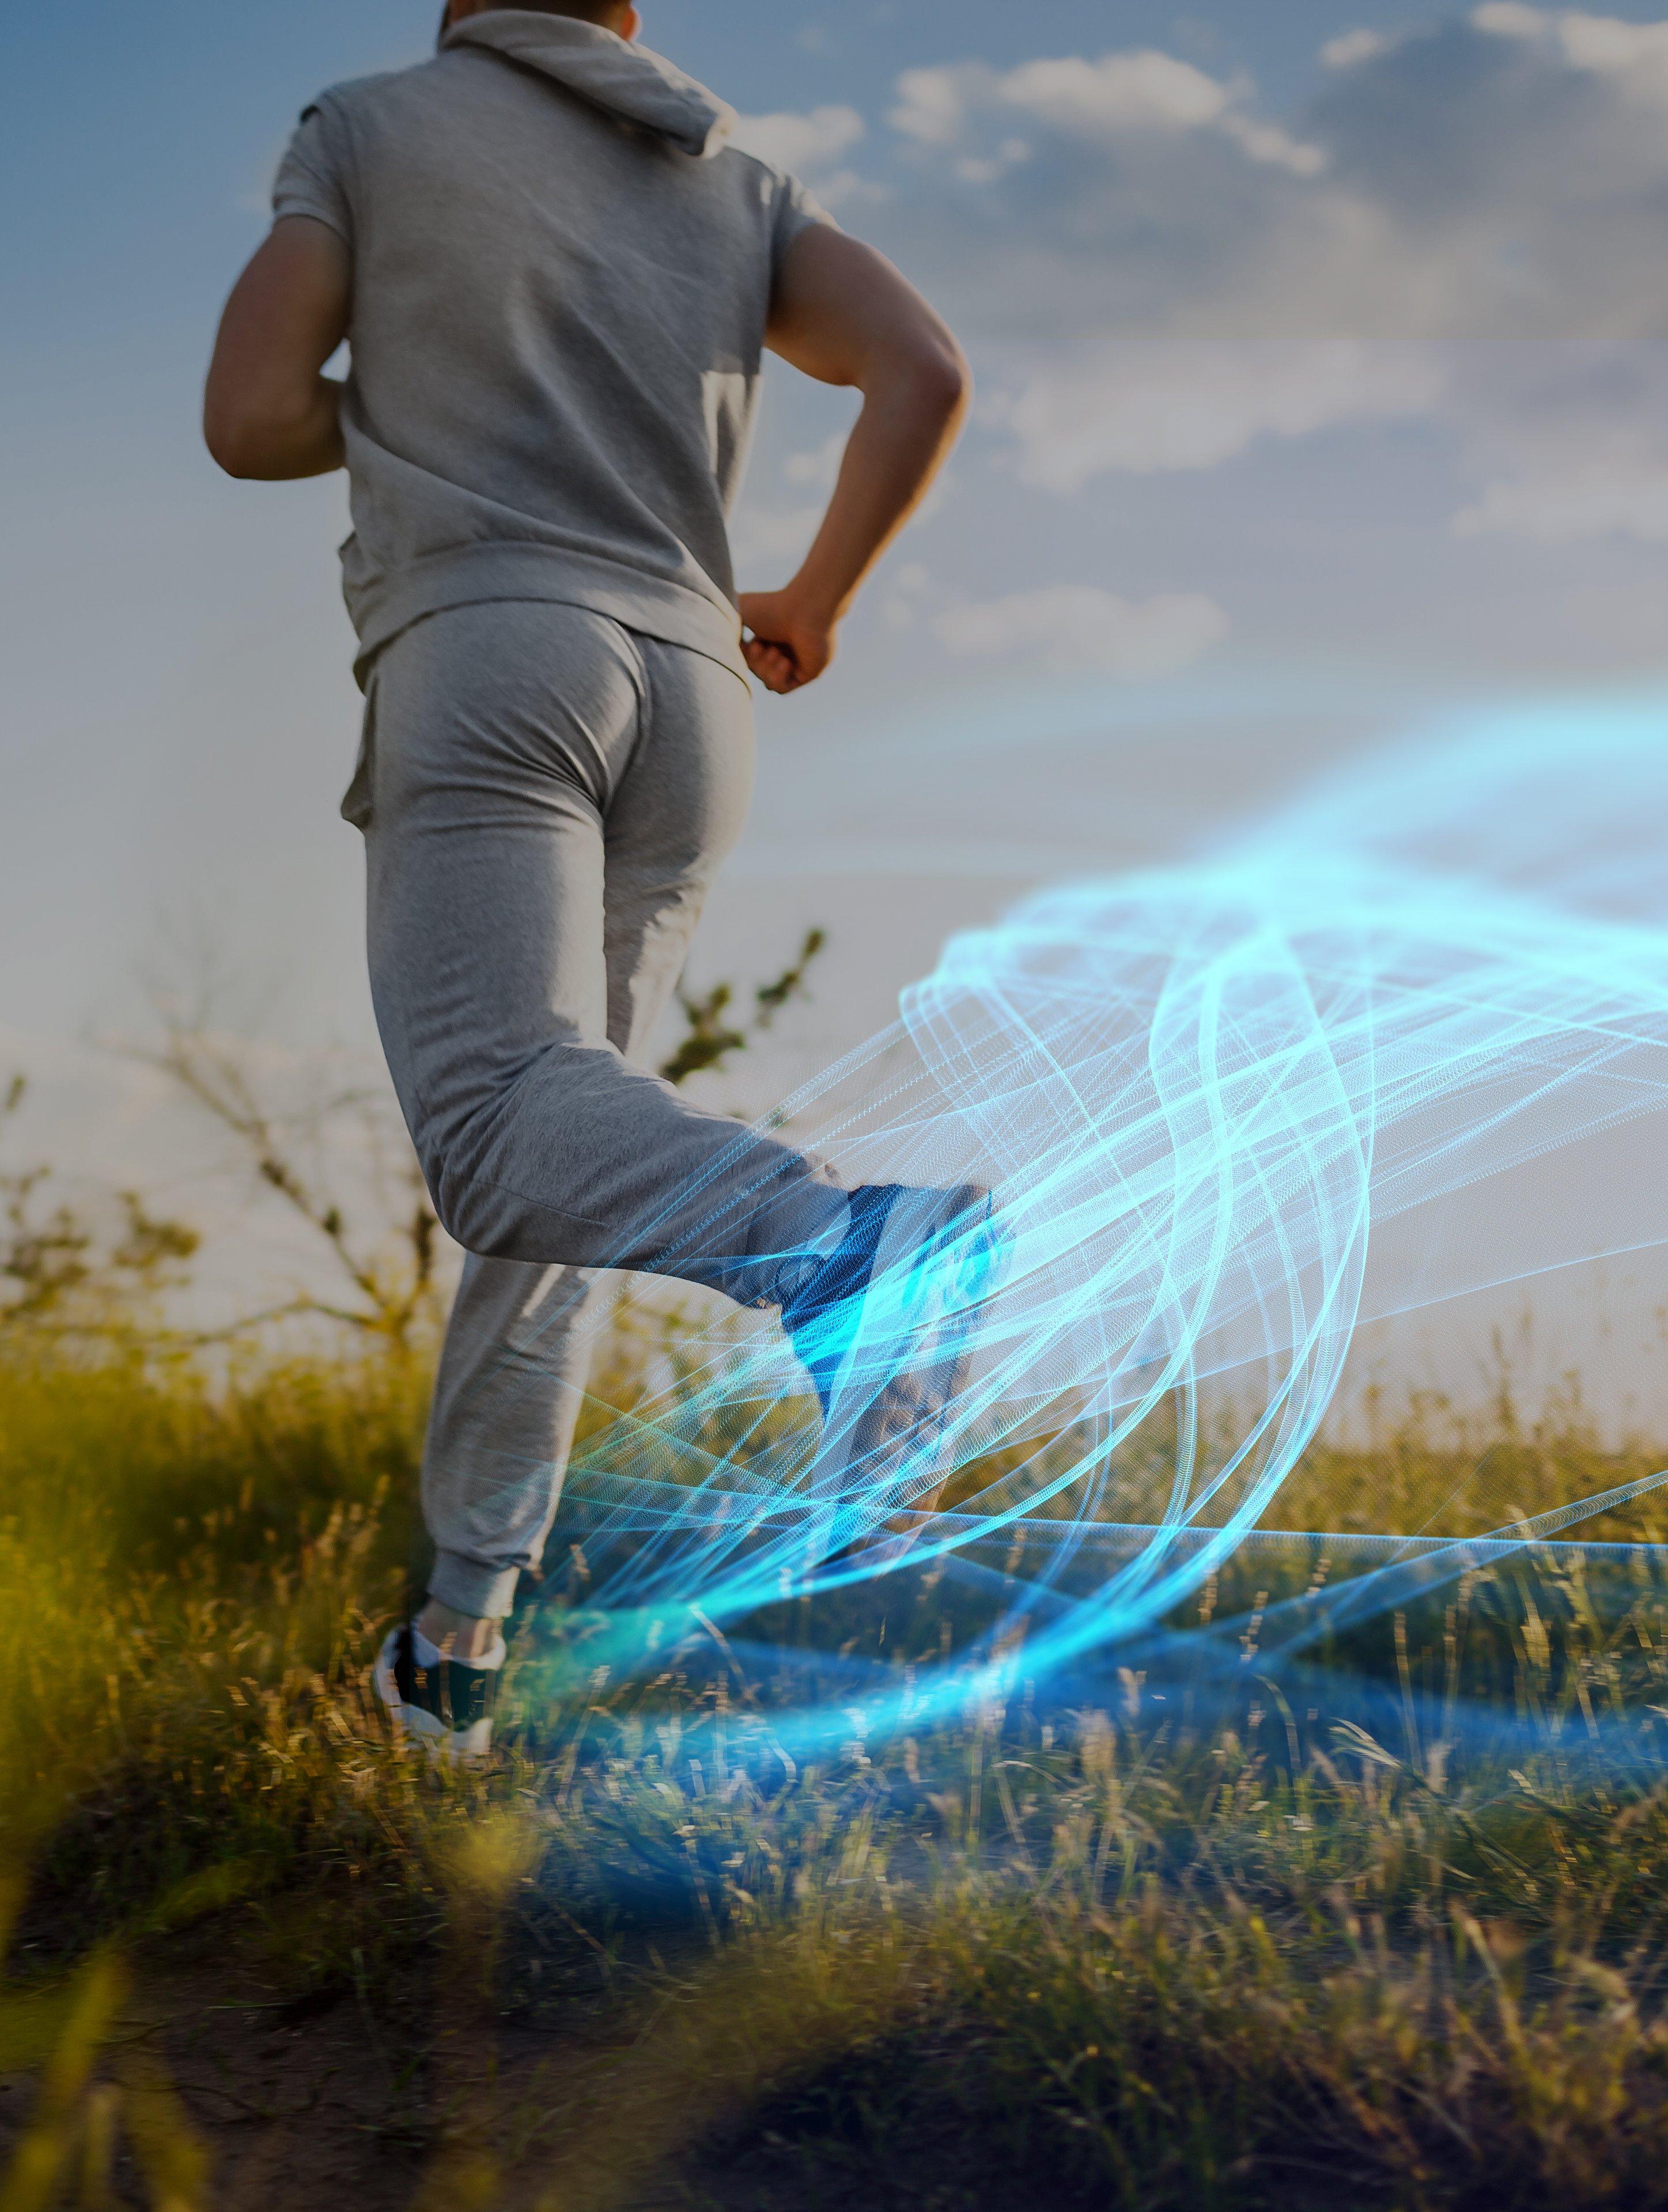 Man jogging in a field